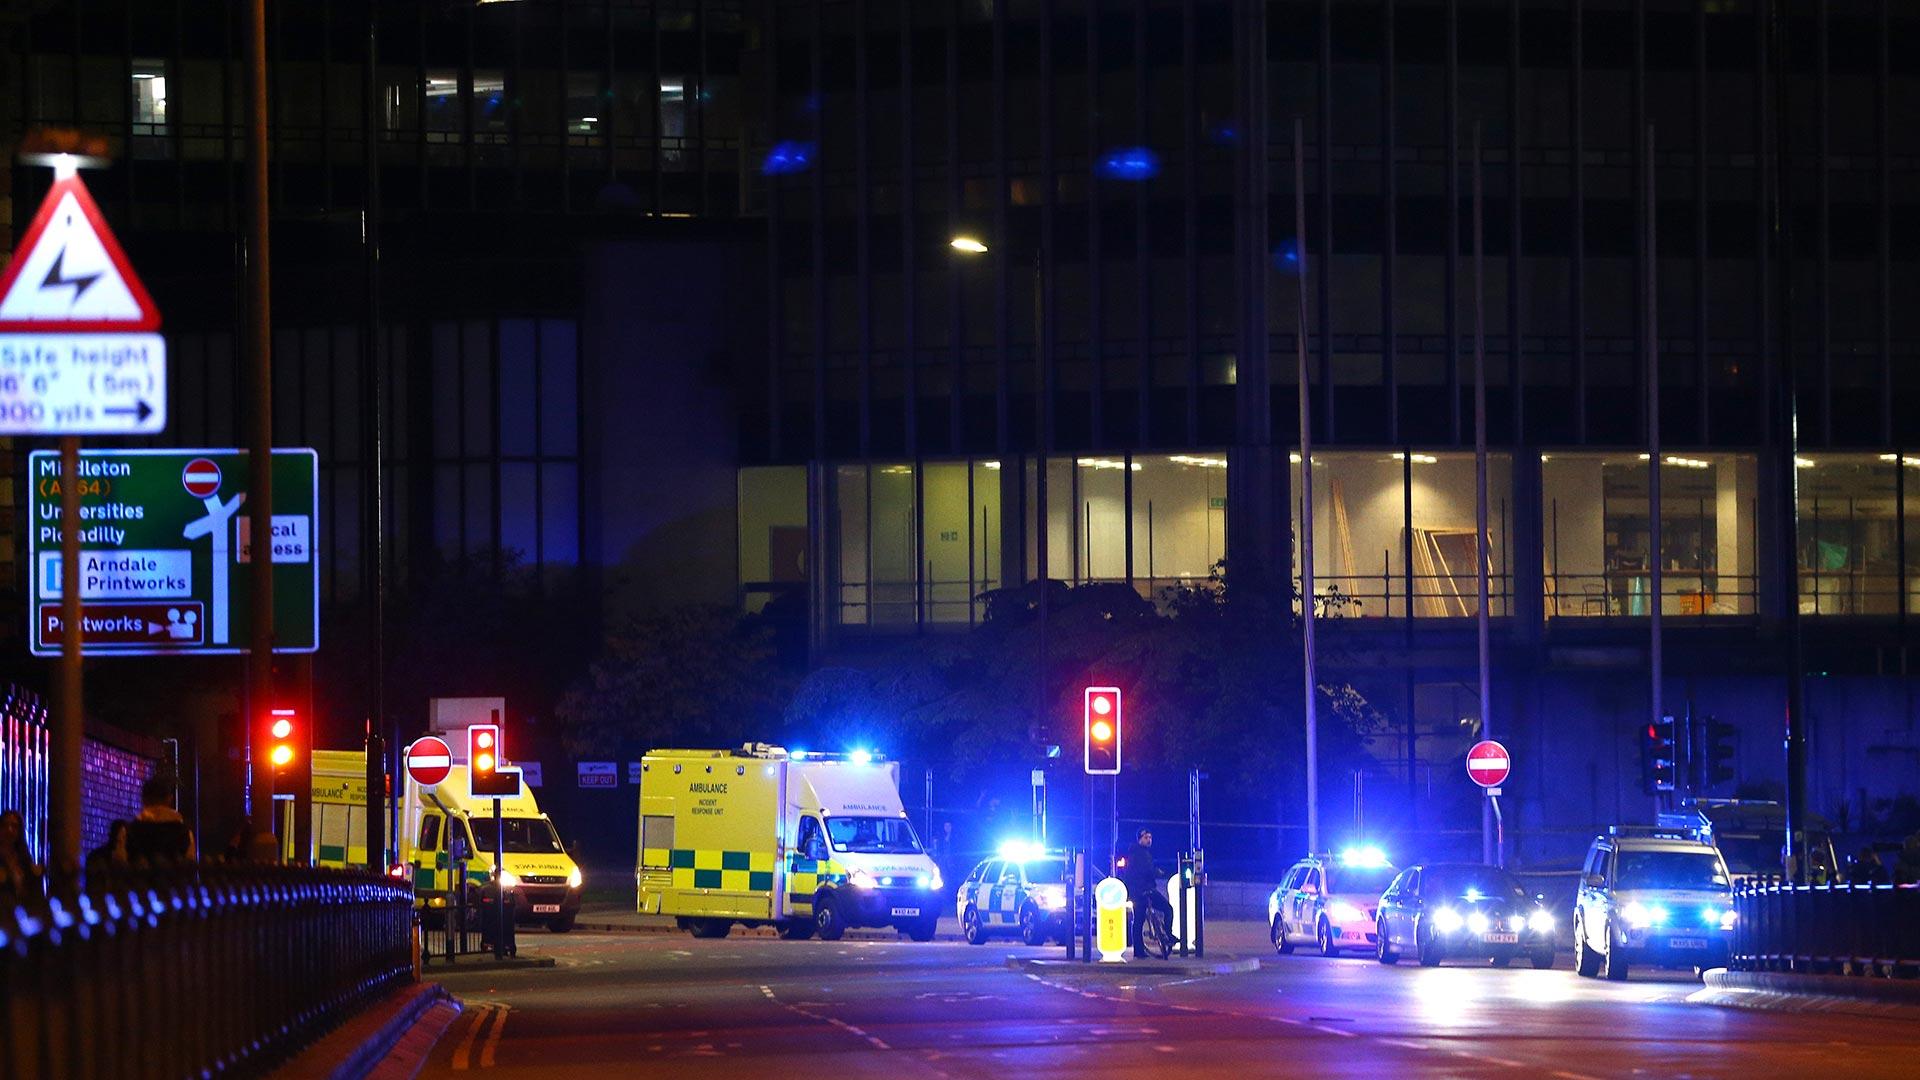 La policía mantiene las calles aledañas acordonadas para evitar el ingreso de nuevas personas a las cercanías del Arena de Manchester